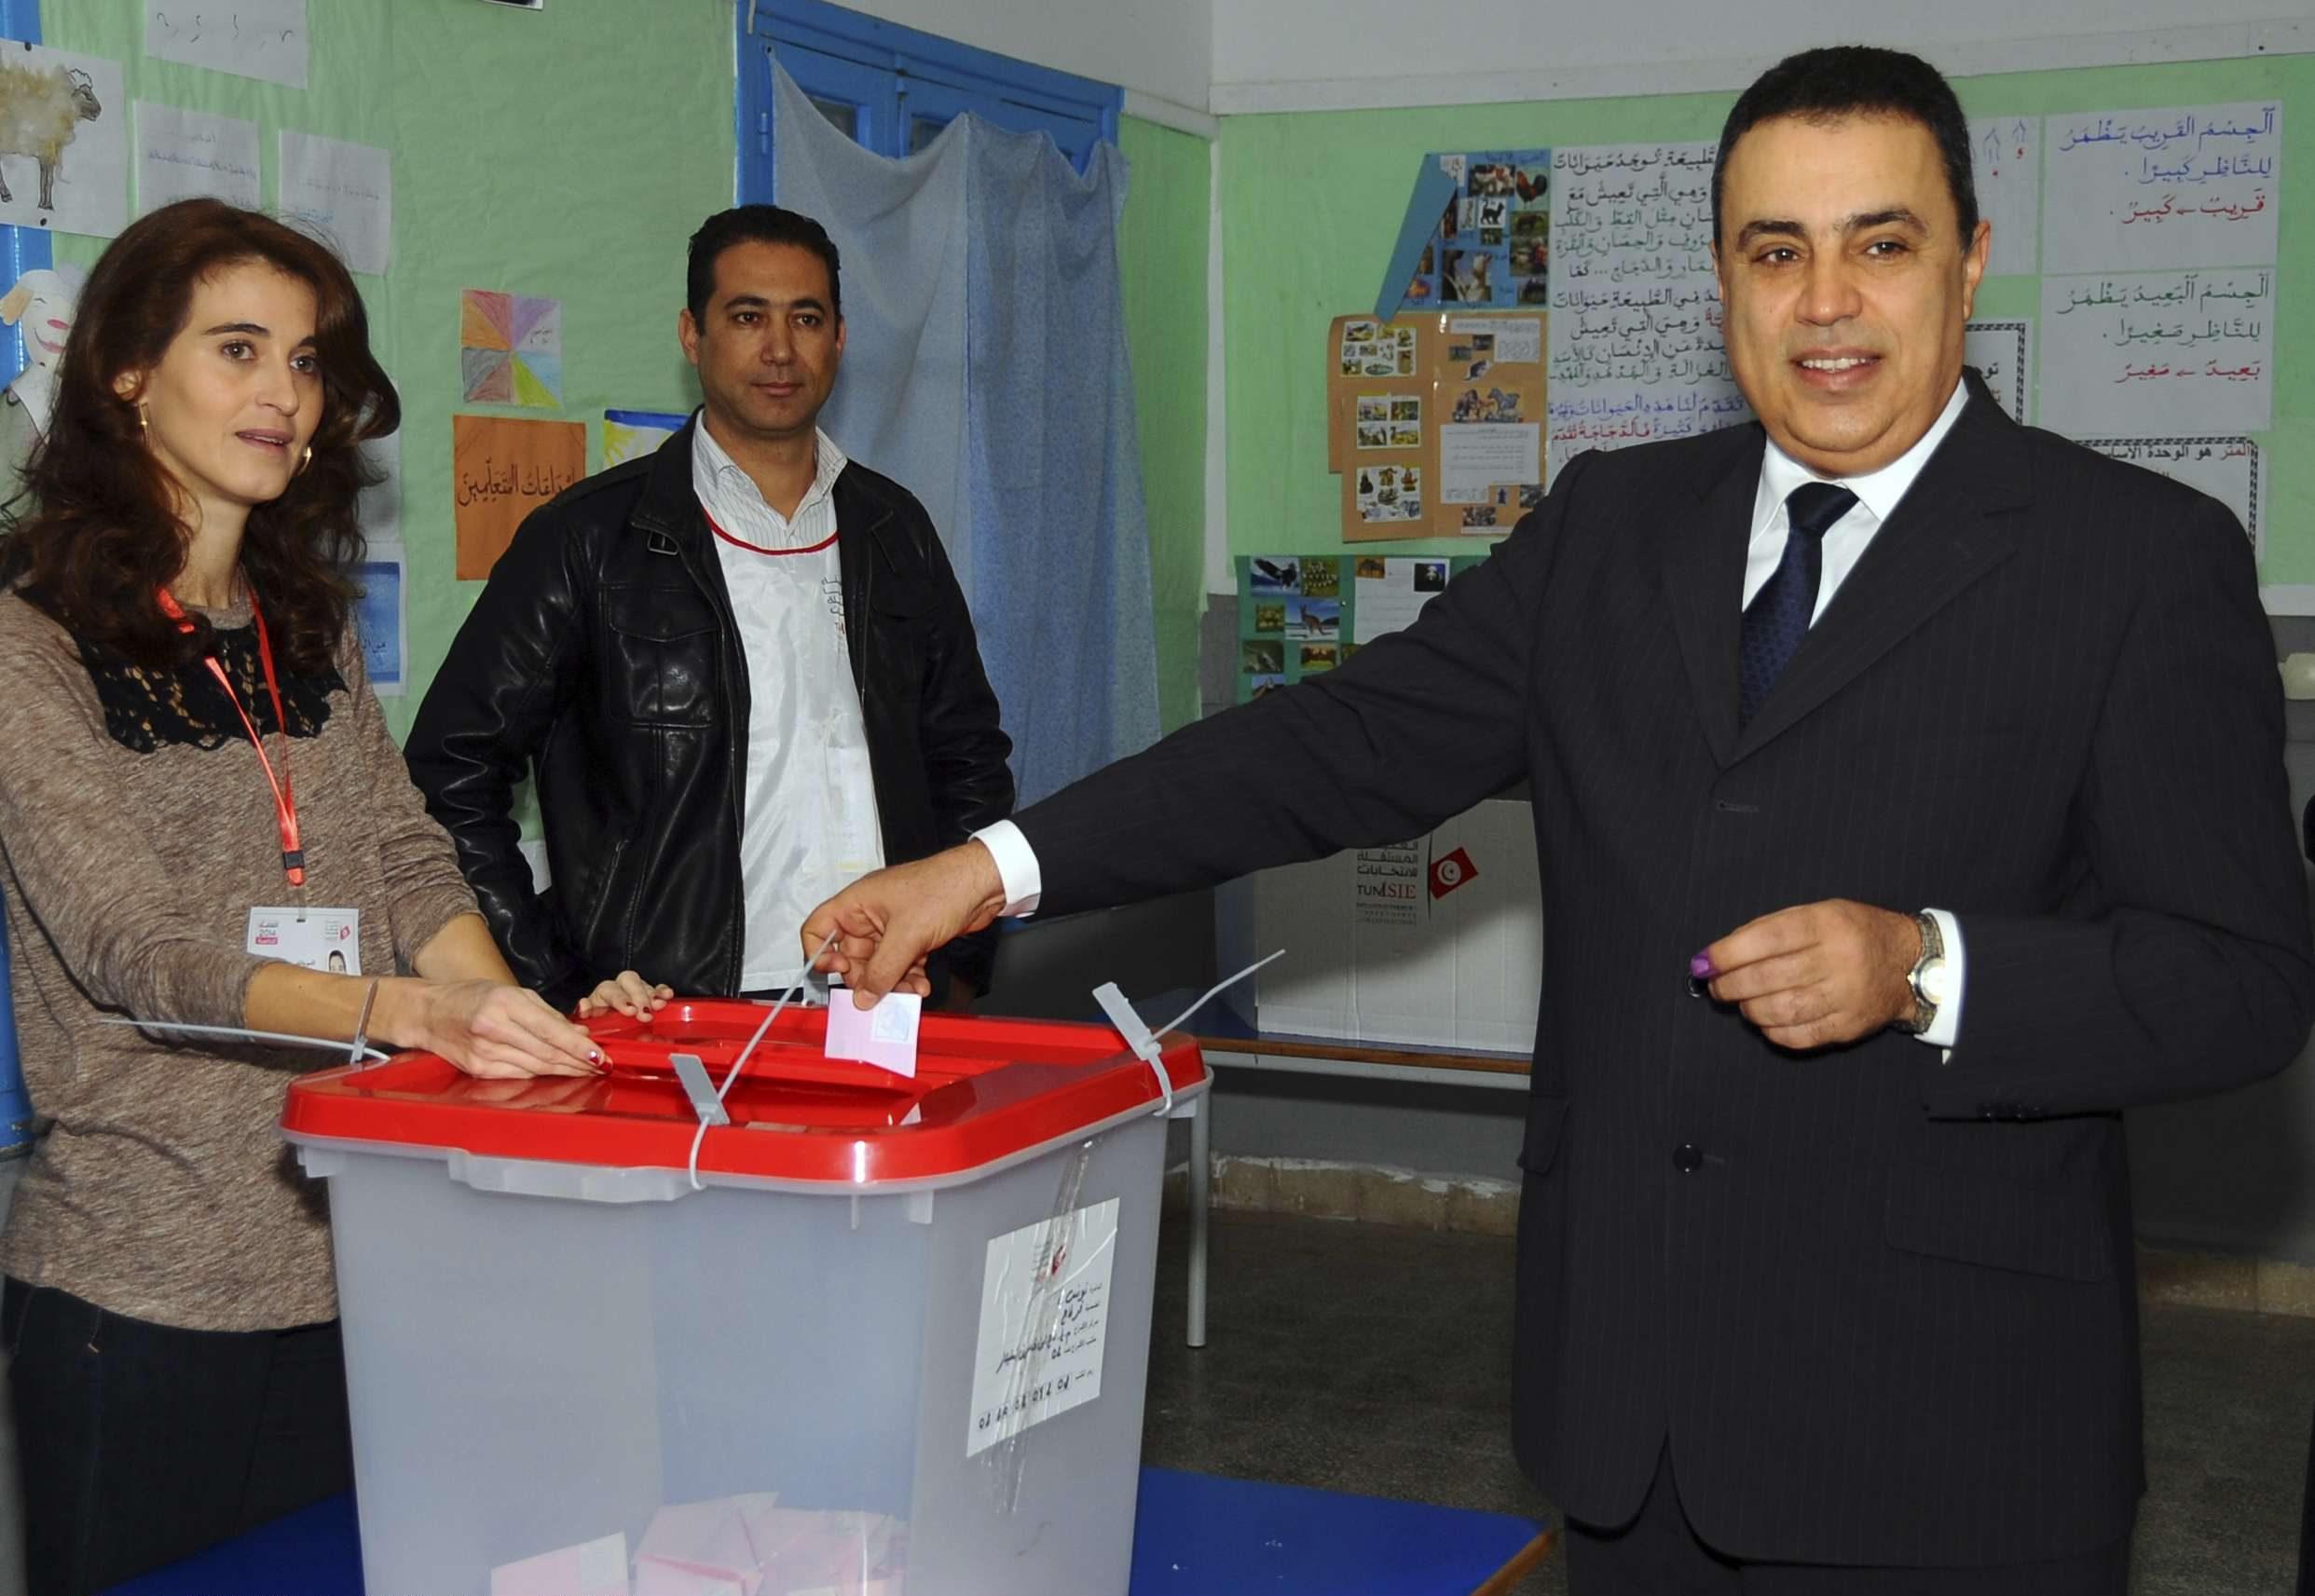 Mehdi Jomâa plaçant son bulletin dans l'urne lors de l'élection présidentielle tunisienne de 2014.